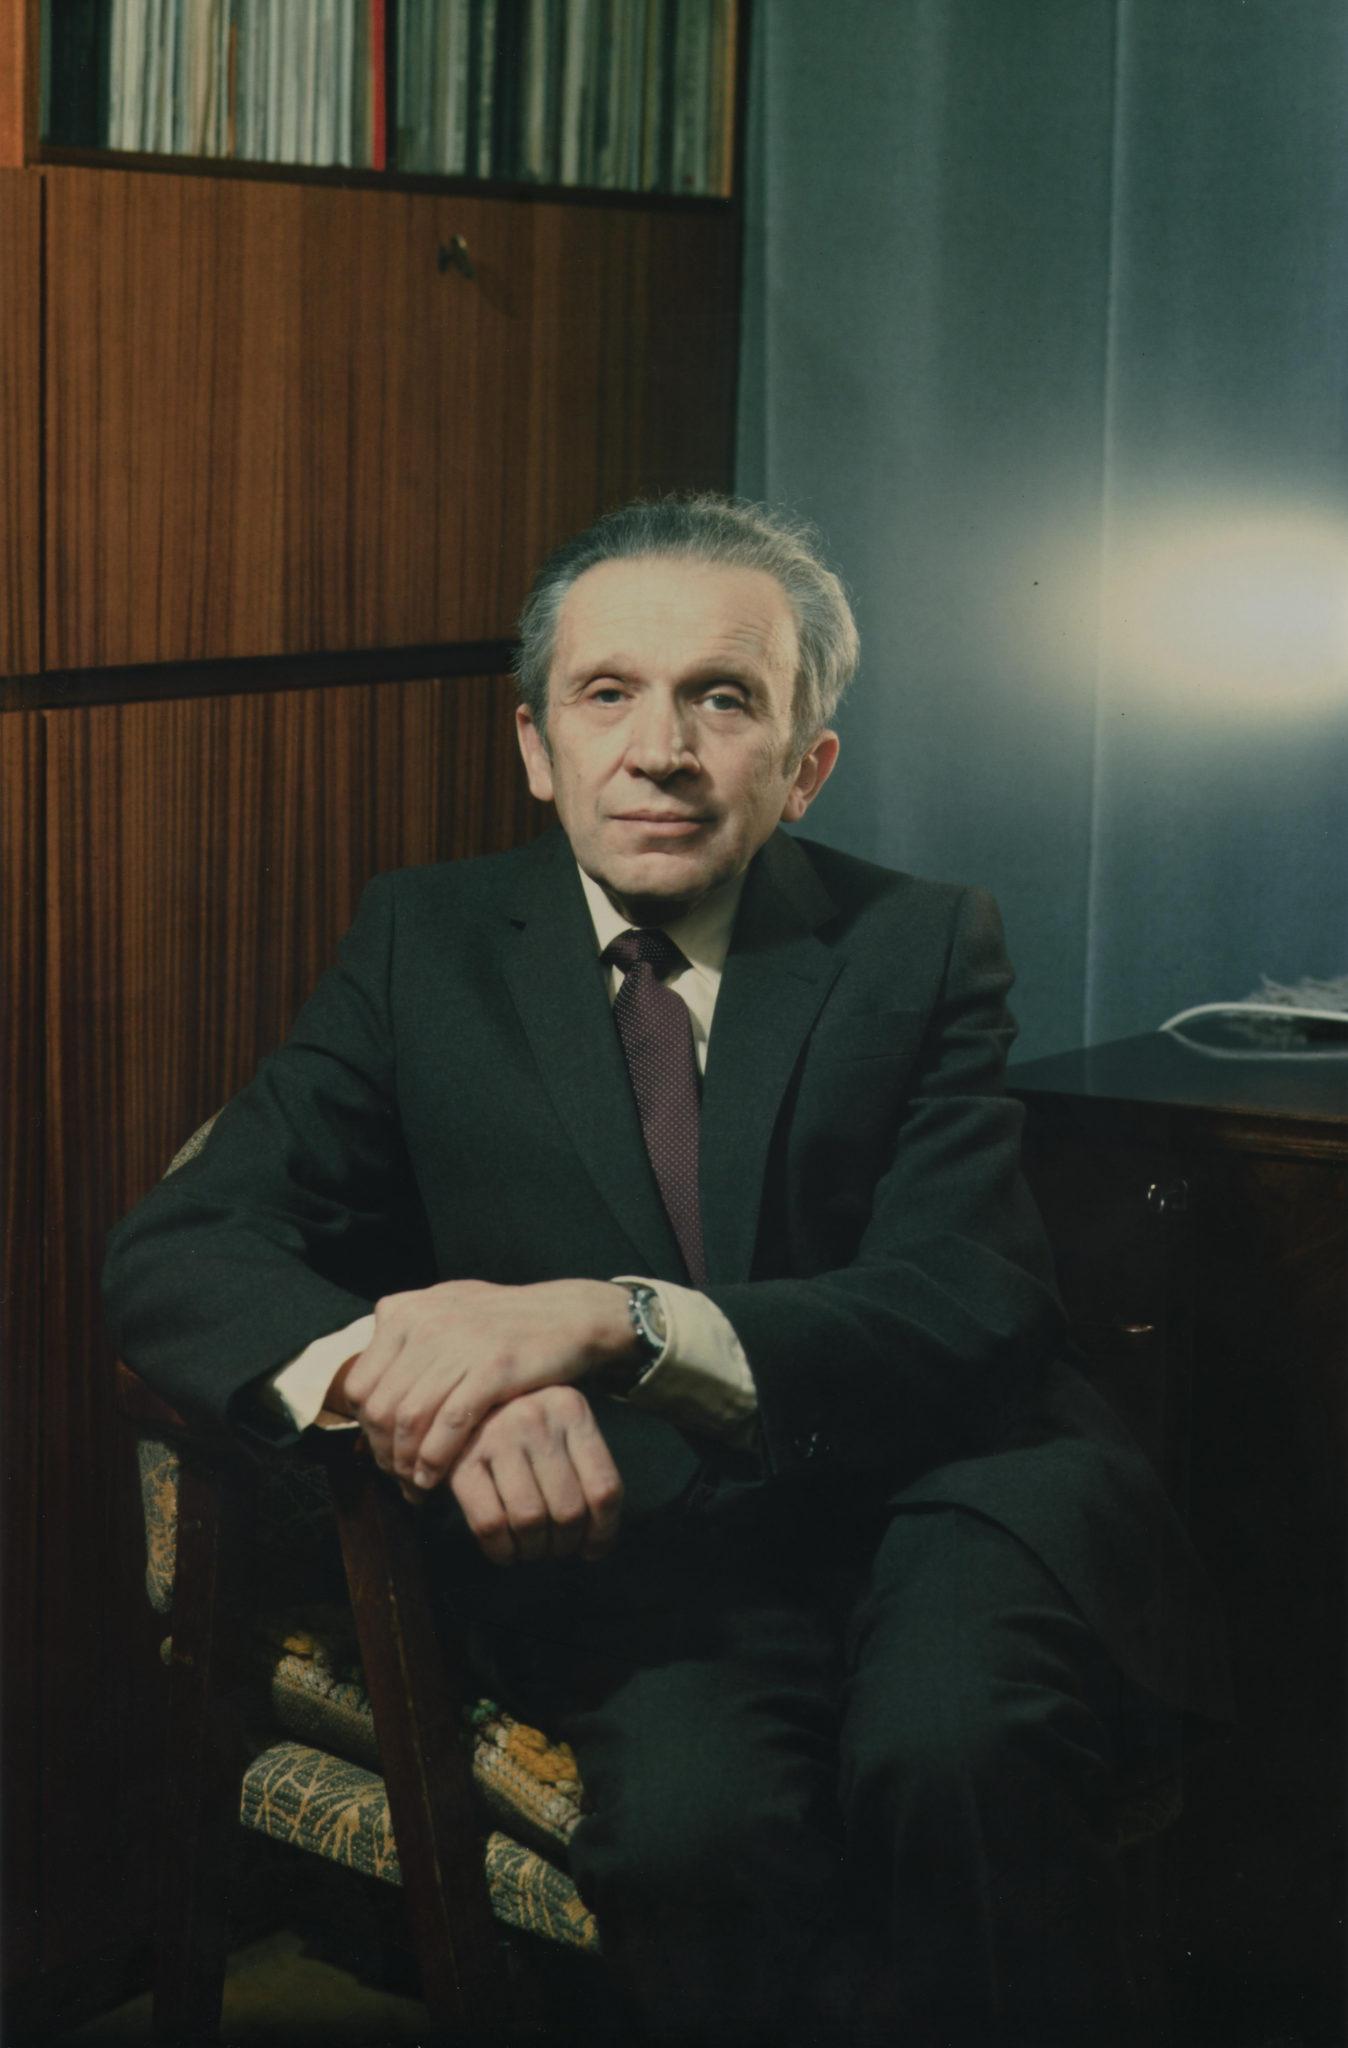 Mieczysław Weinberg